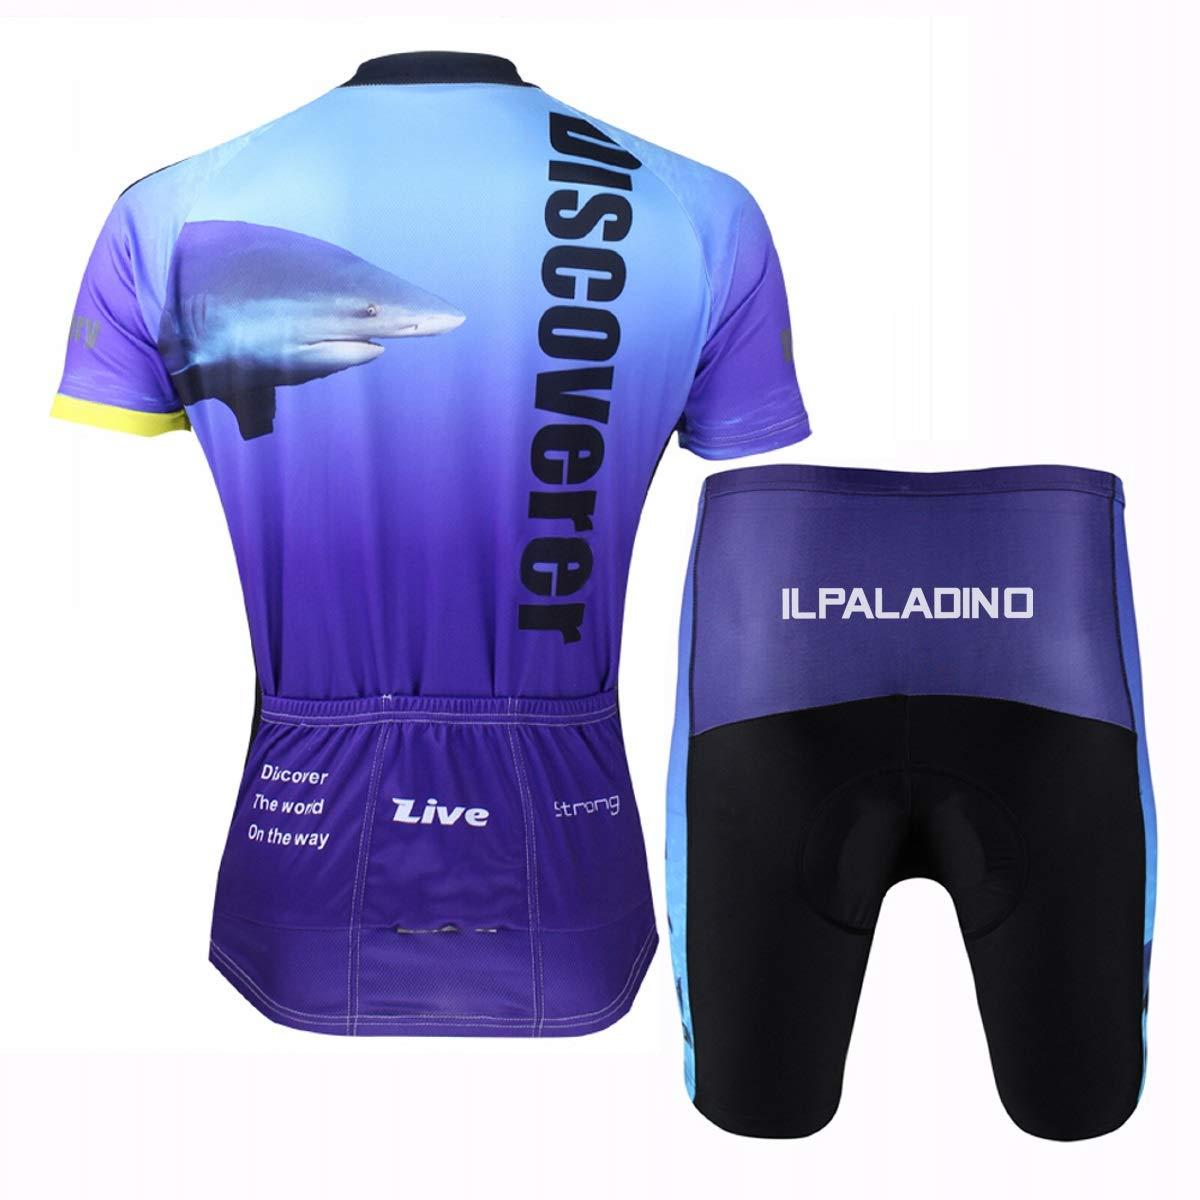 Fahrrad Reitanzug Radfahren und Freizeit Fahrrad Winddicht Warme Outdoor-Sportgeräte Fahrradtrikot LPLHJD